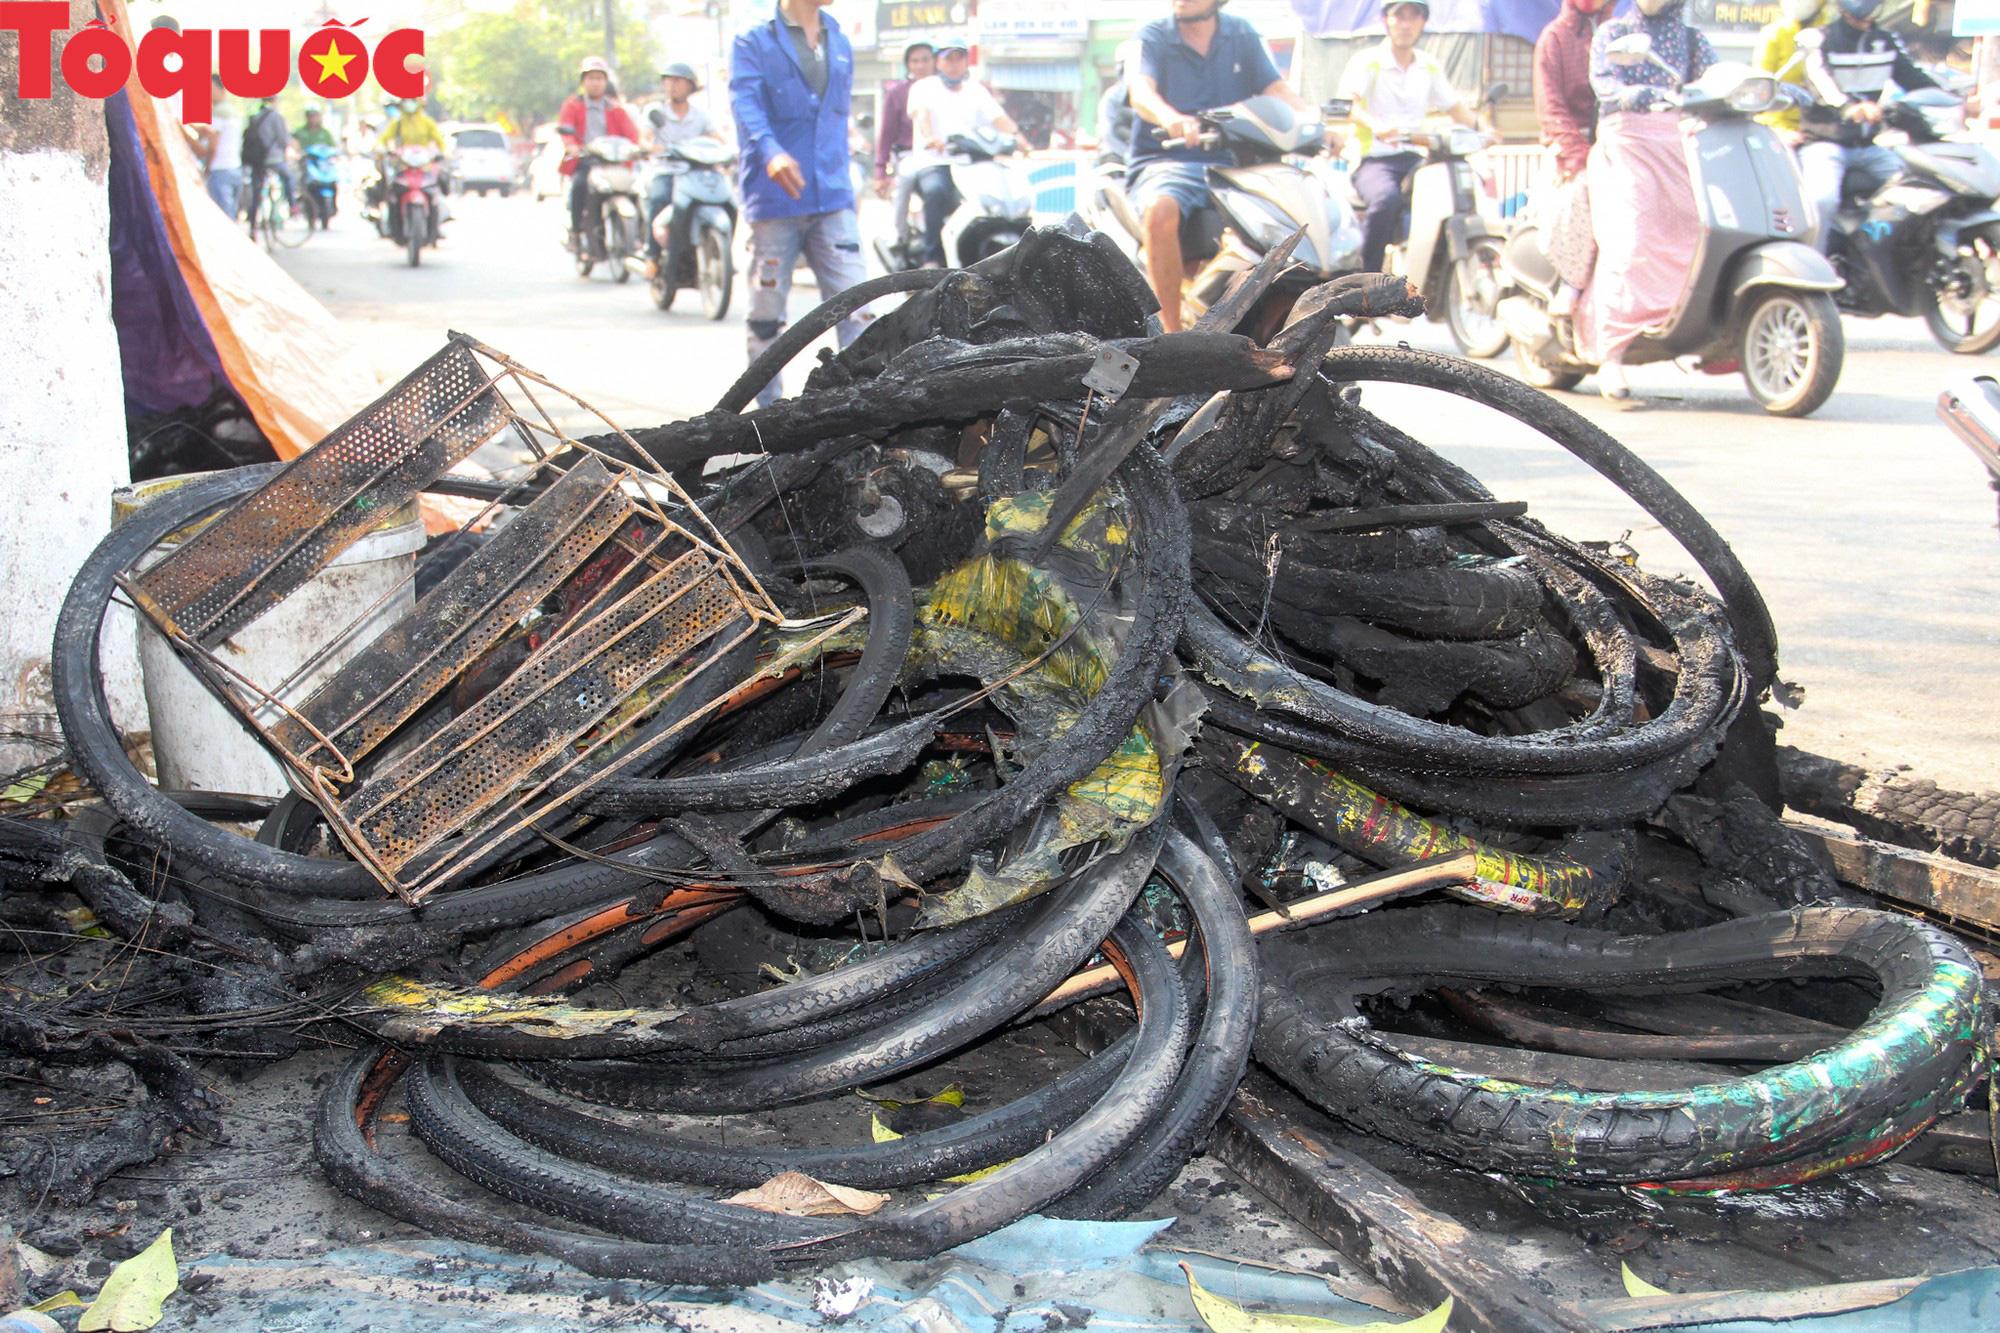 Hình ảnh hiện trường vụ hỏa hoạn khiến 3 người trong một gia đình tử vong thương tâm - Ảnh 9.